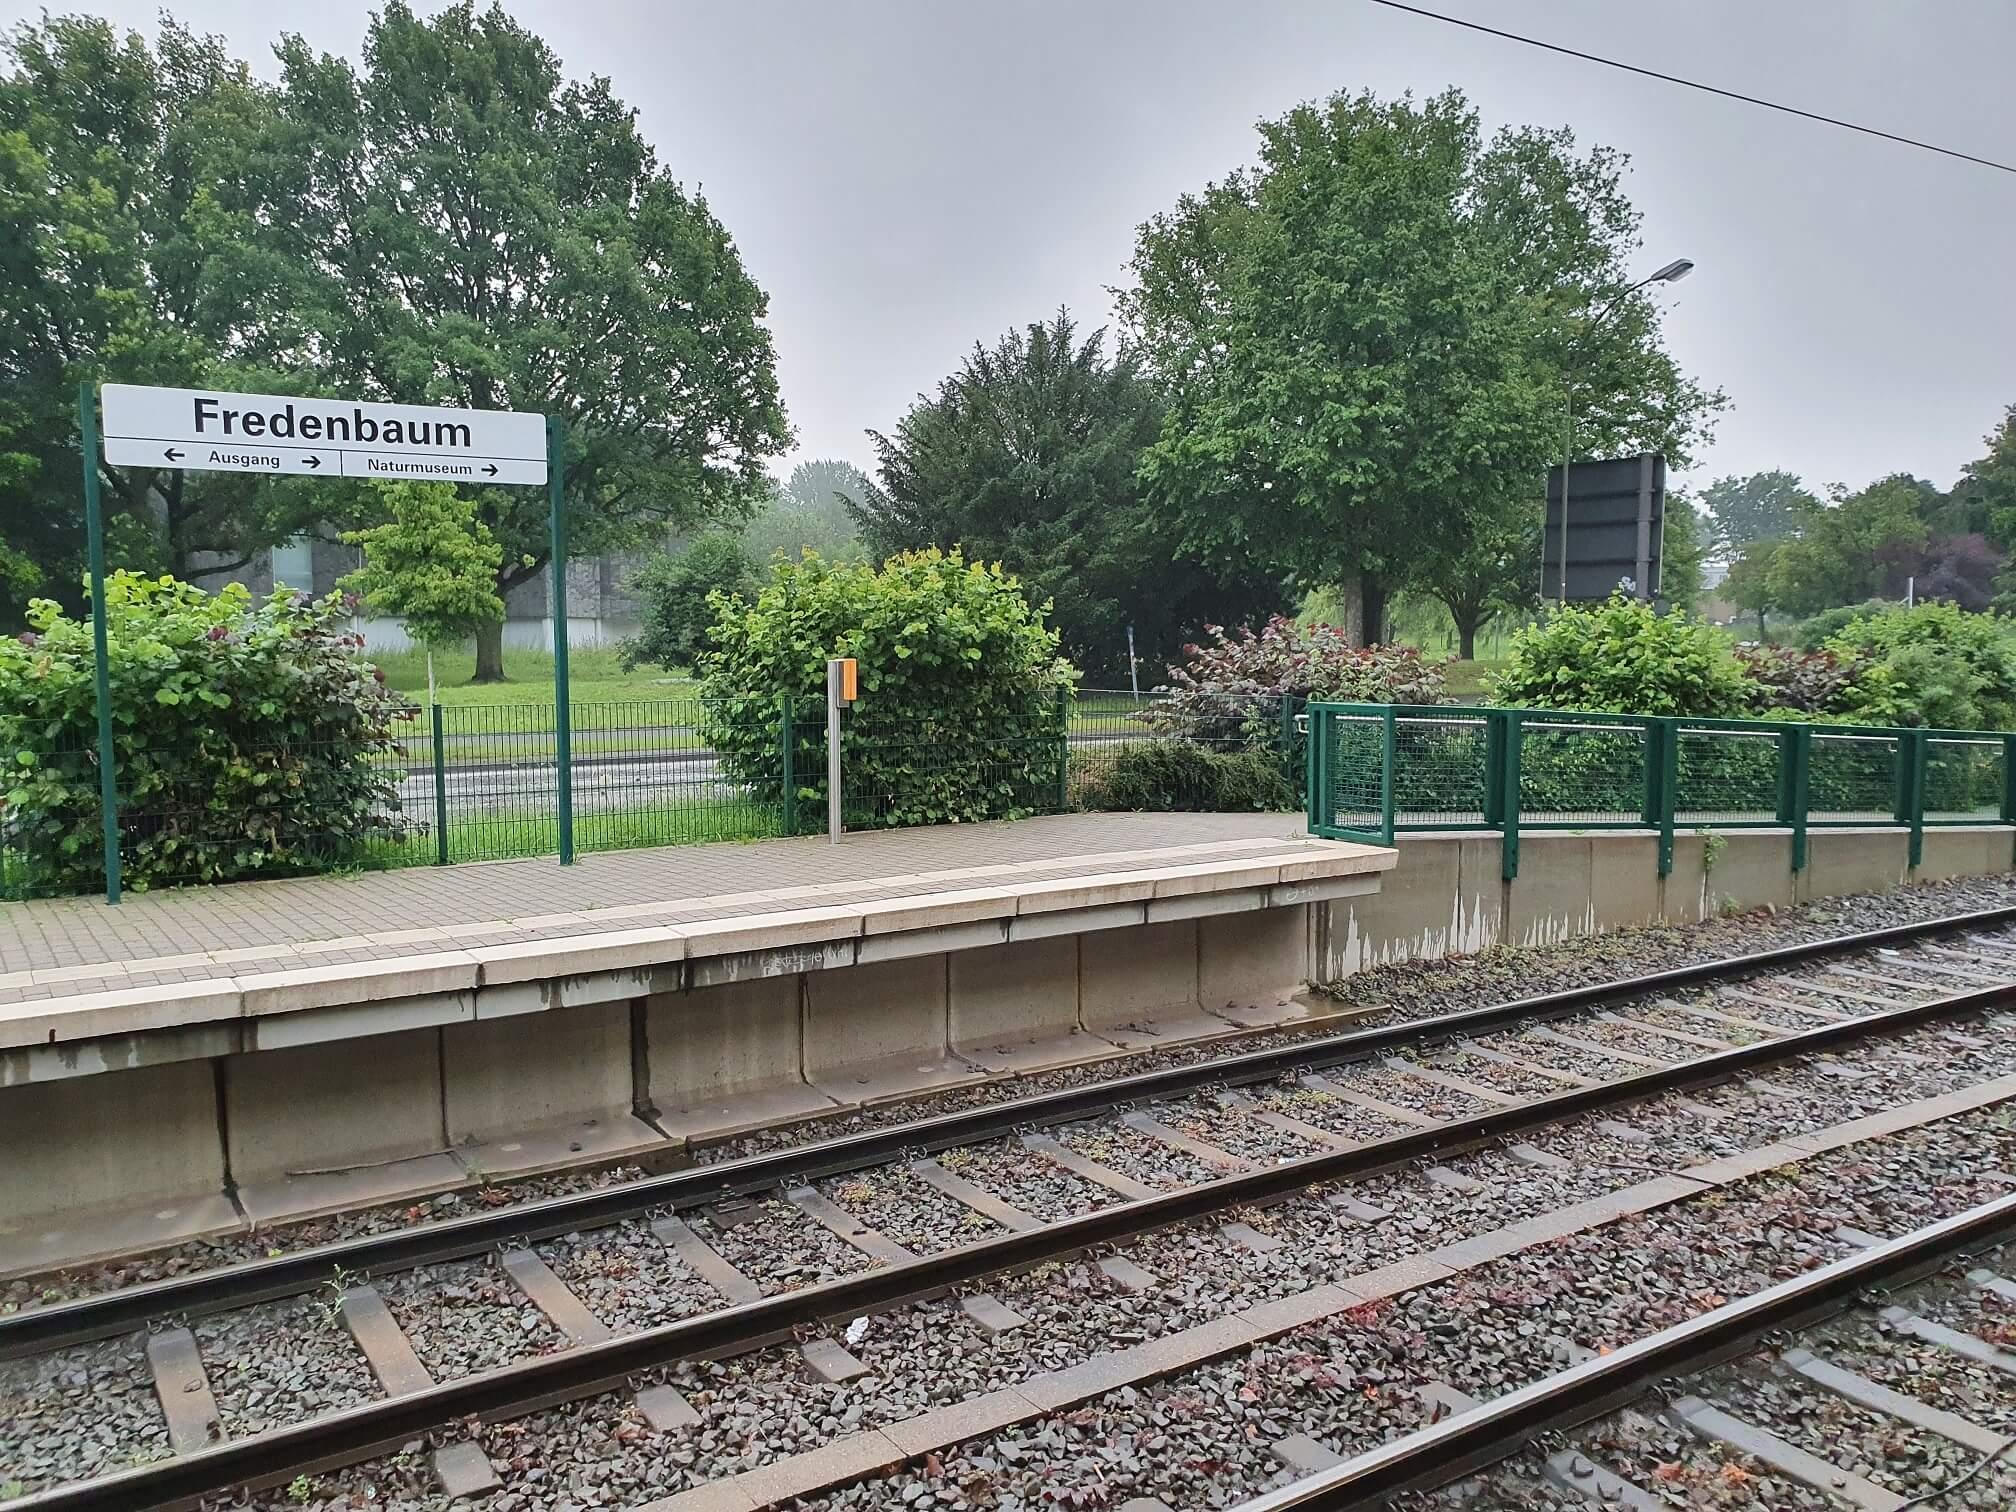 Gleise einer barrierefreien Bahnstation in Dortmund am frühen Abend